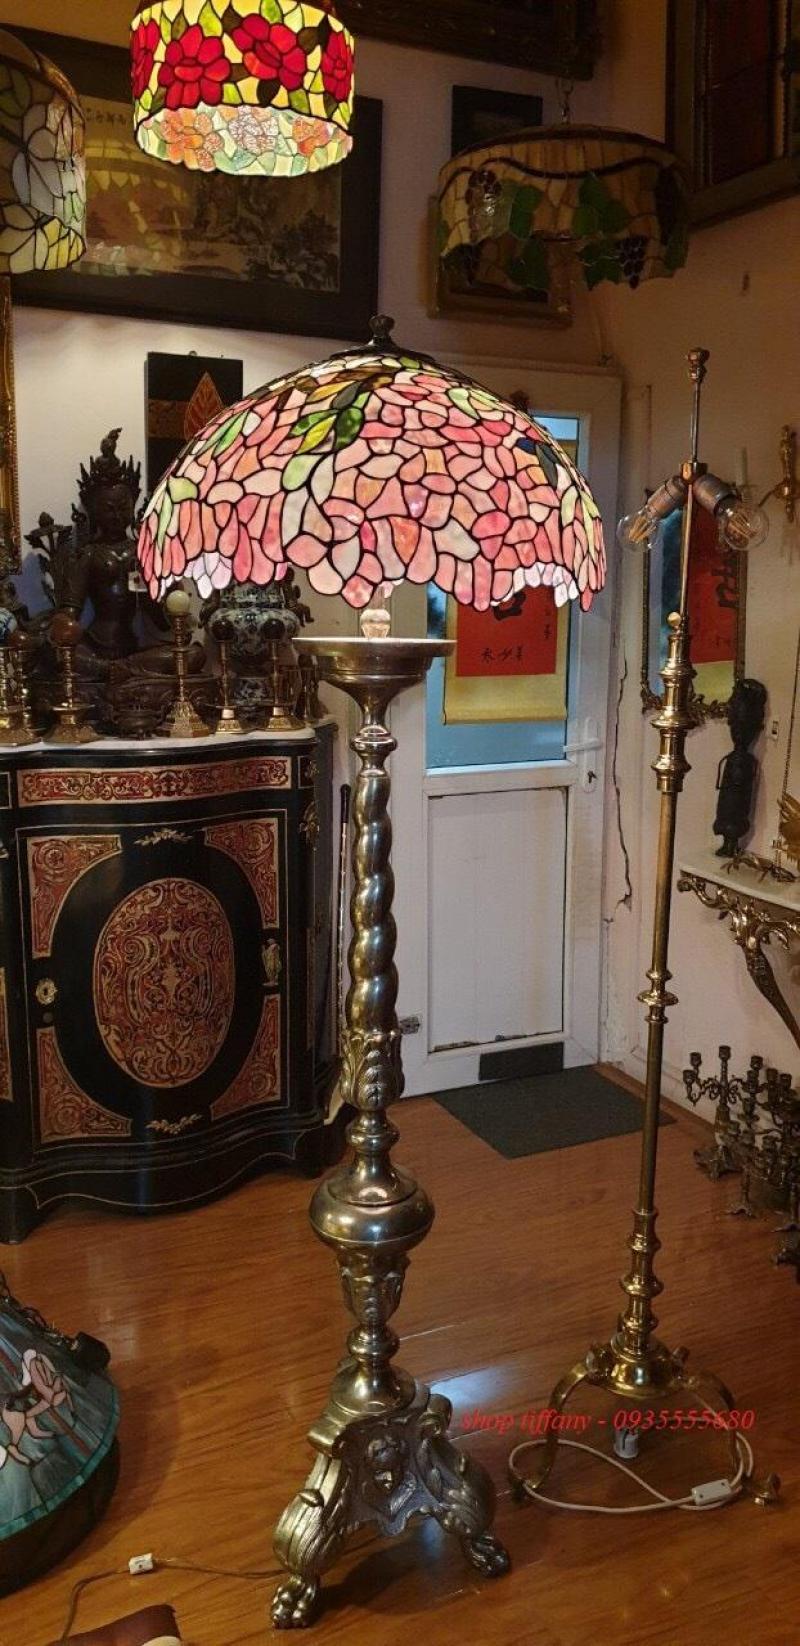 Đèn Tiffany hoa đậu chân đồng đúc.